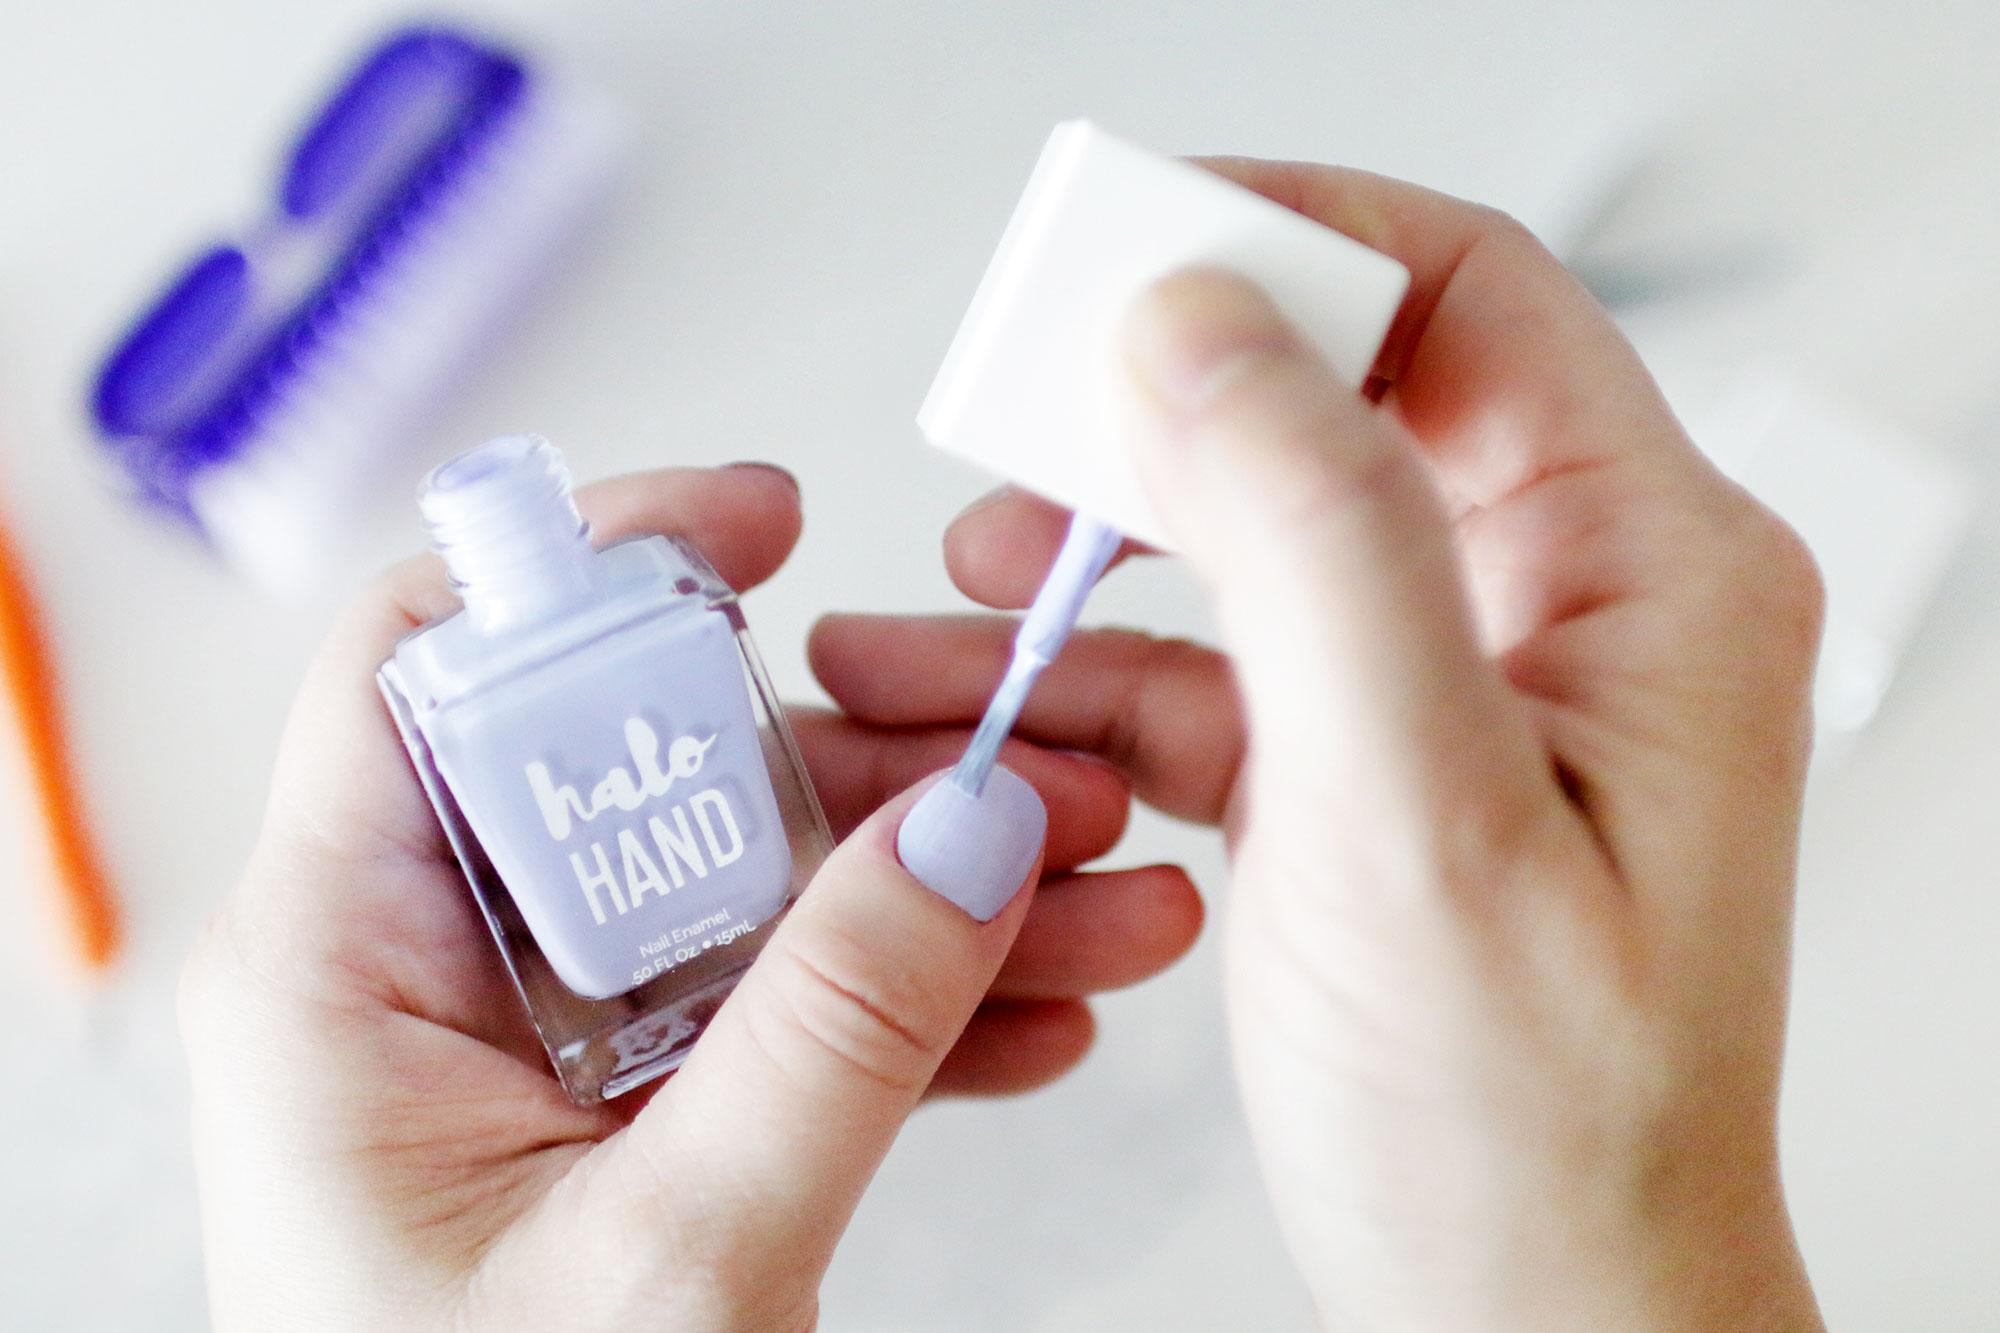 Halo Hand Nail Polish